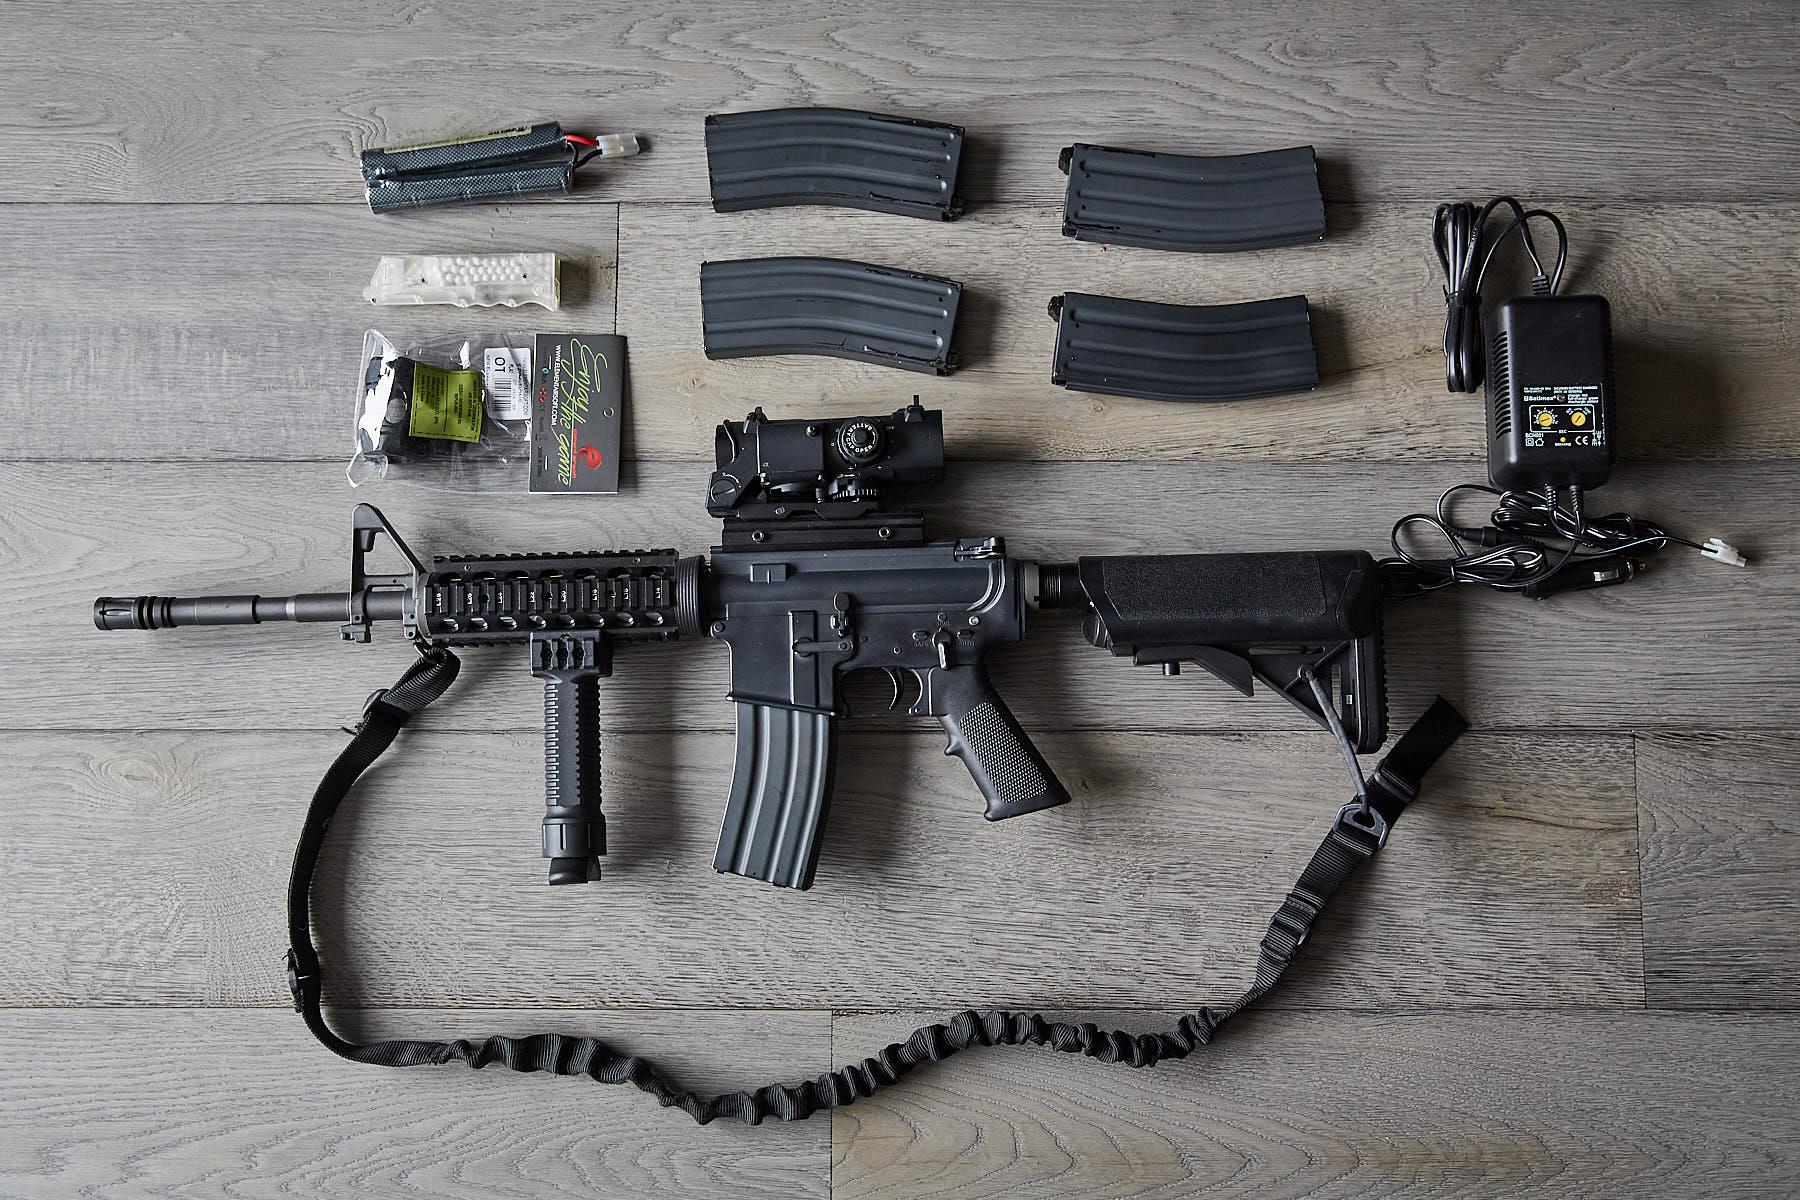 Karabin Asg - A&K M4 RIS 450fps - duży komplet